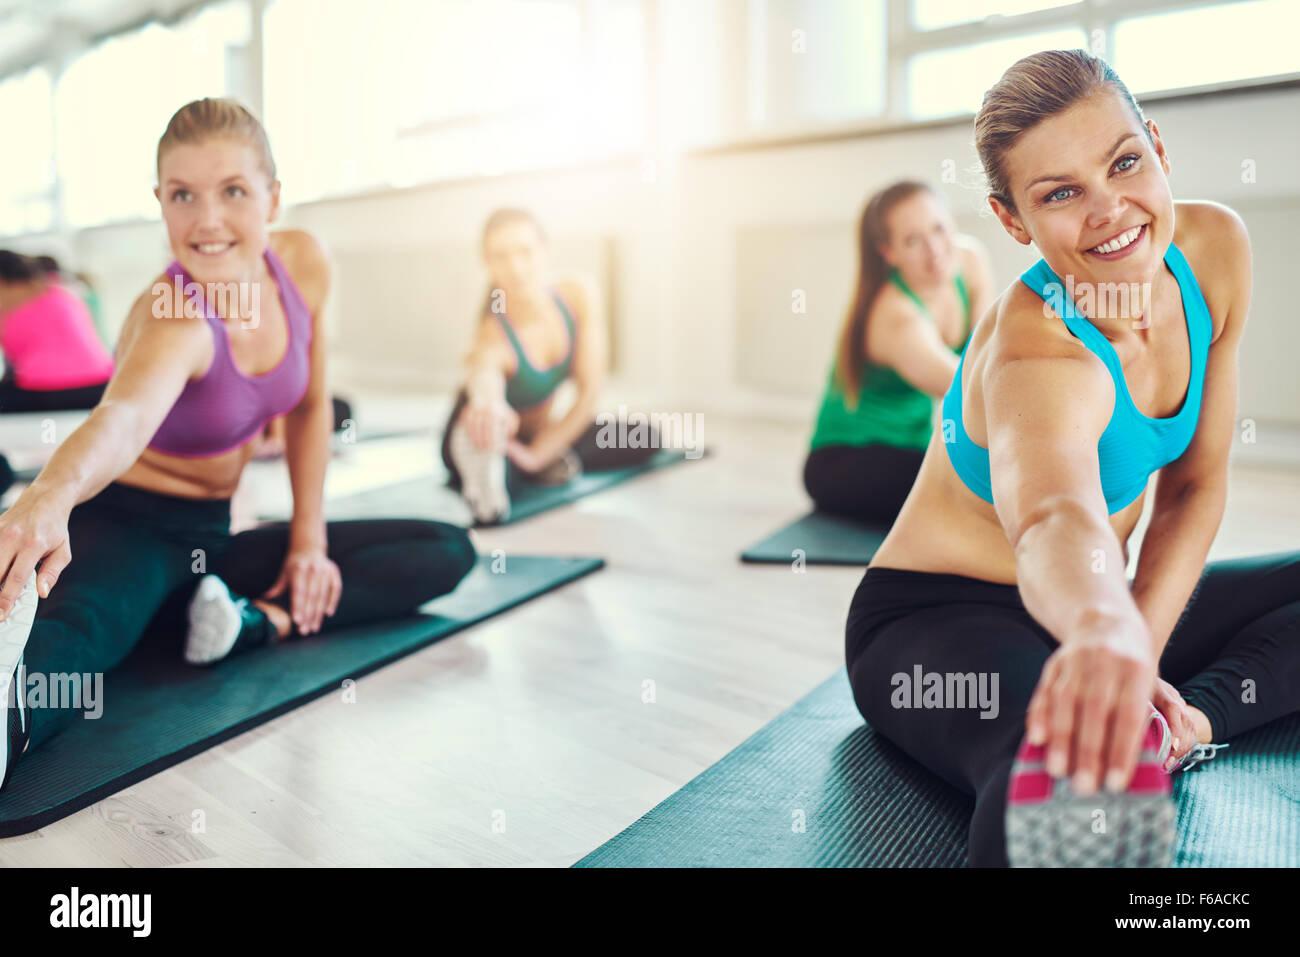 Gruppe von gesunden Frauen in ein Fitness-Klasse, Fitness, Sport, Training, Aerobic-Konzept Stockbild